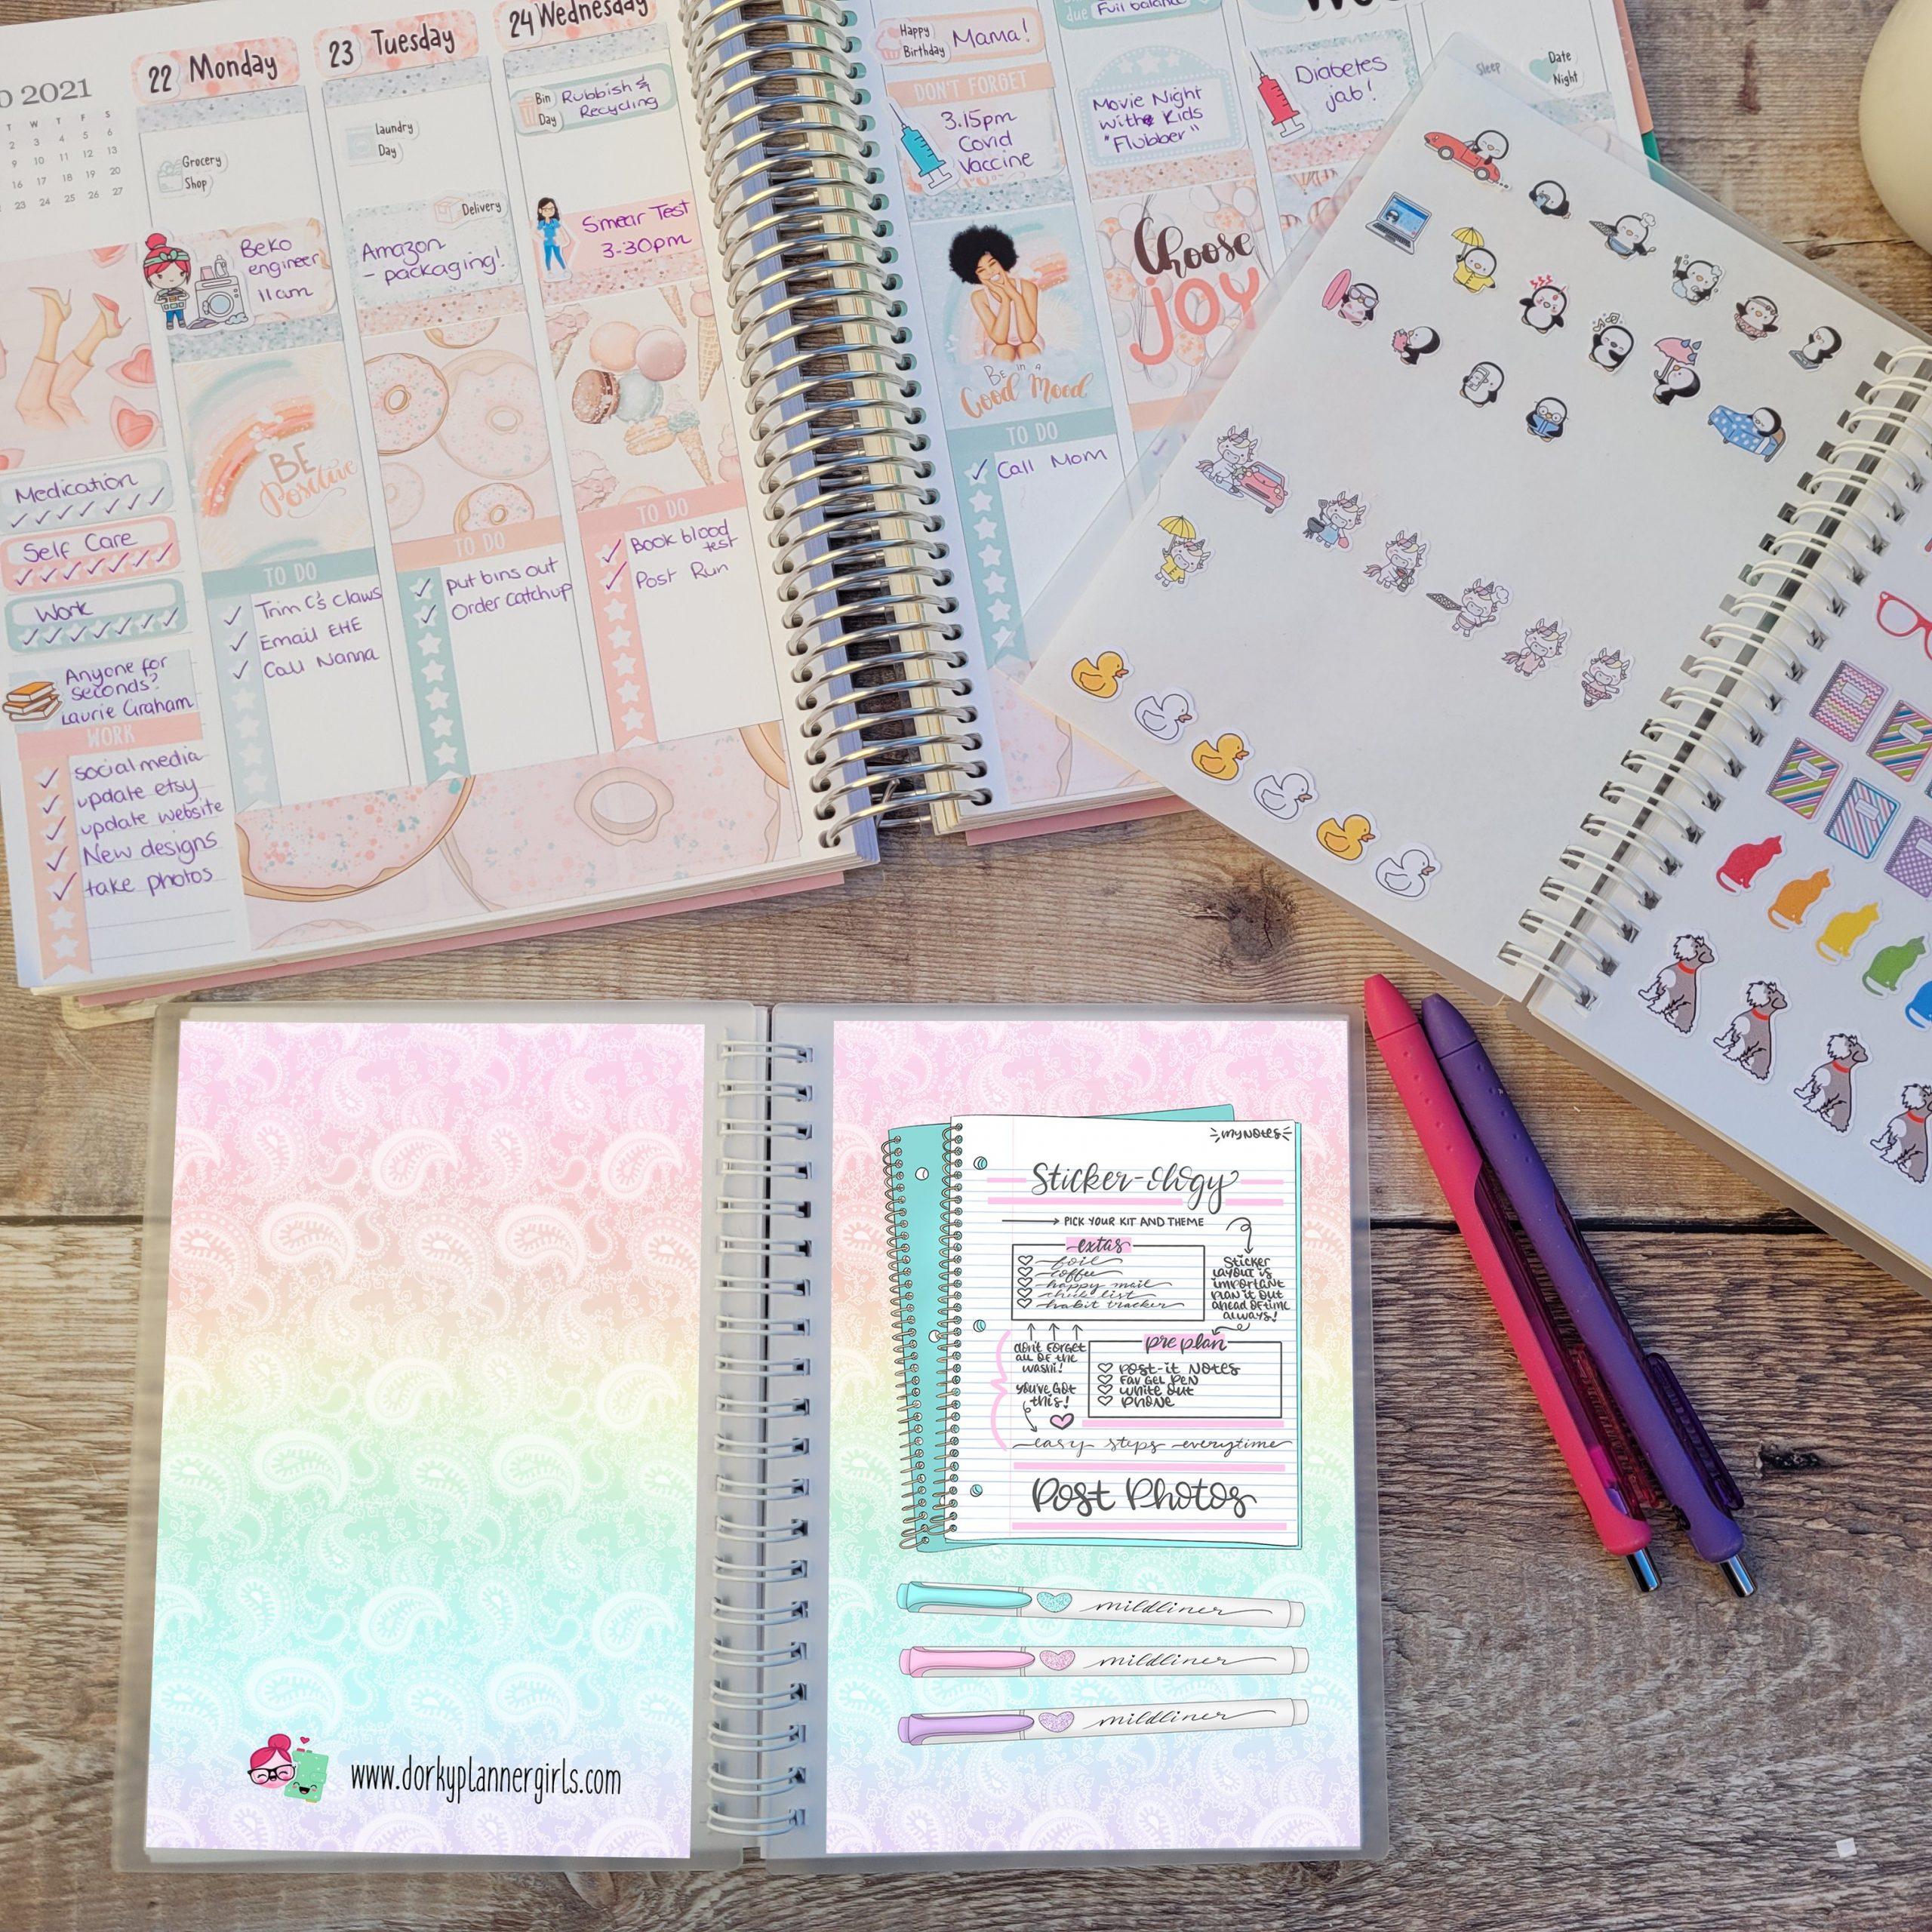 stickerology stickerbooks2